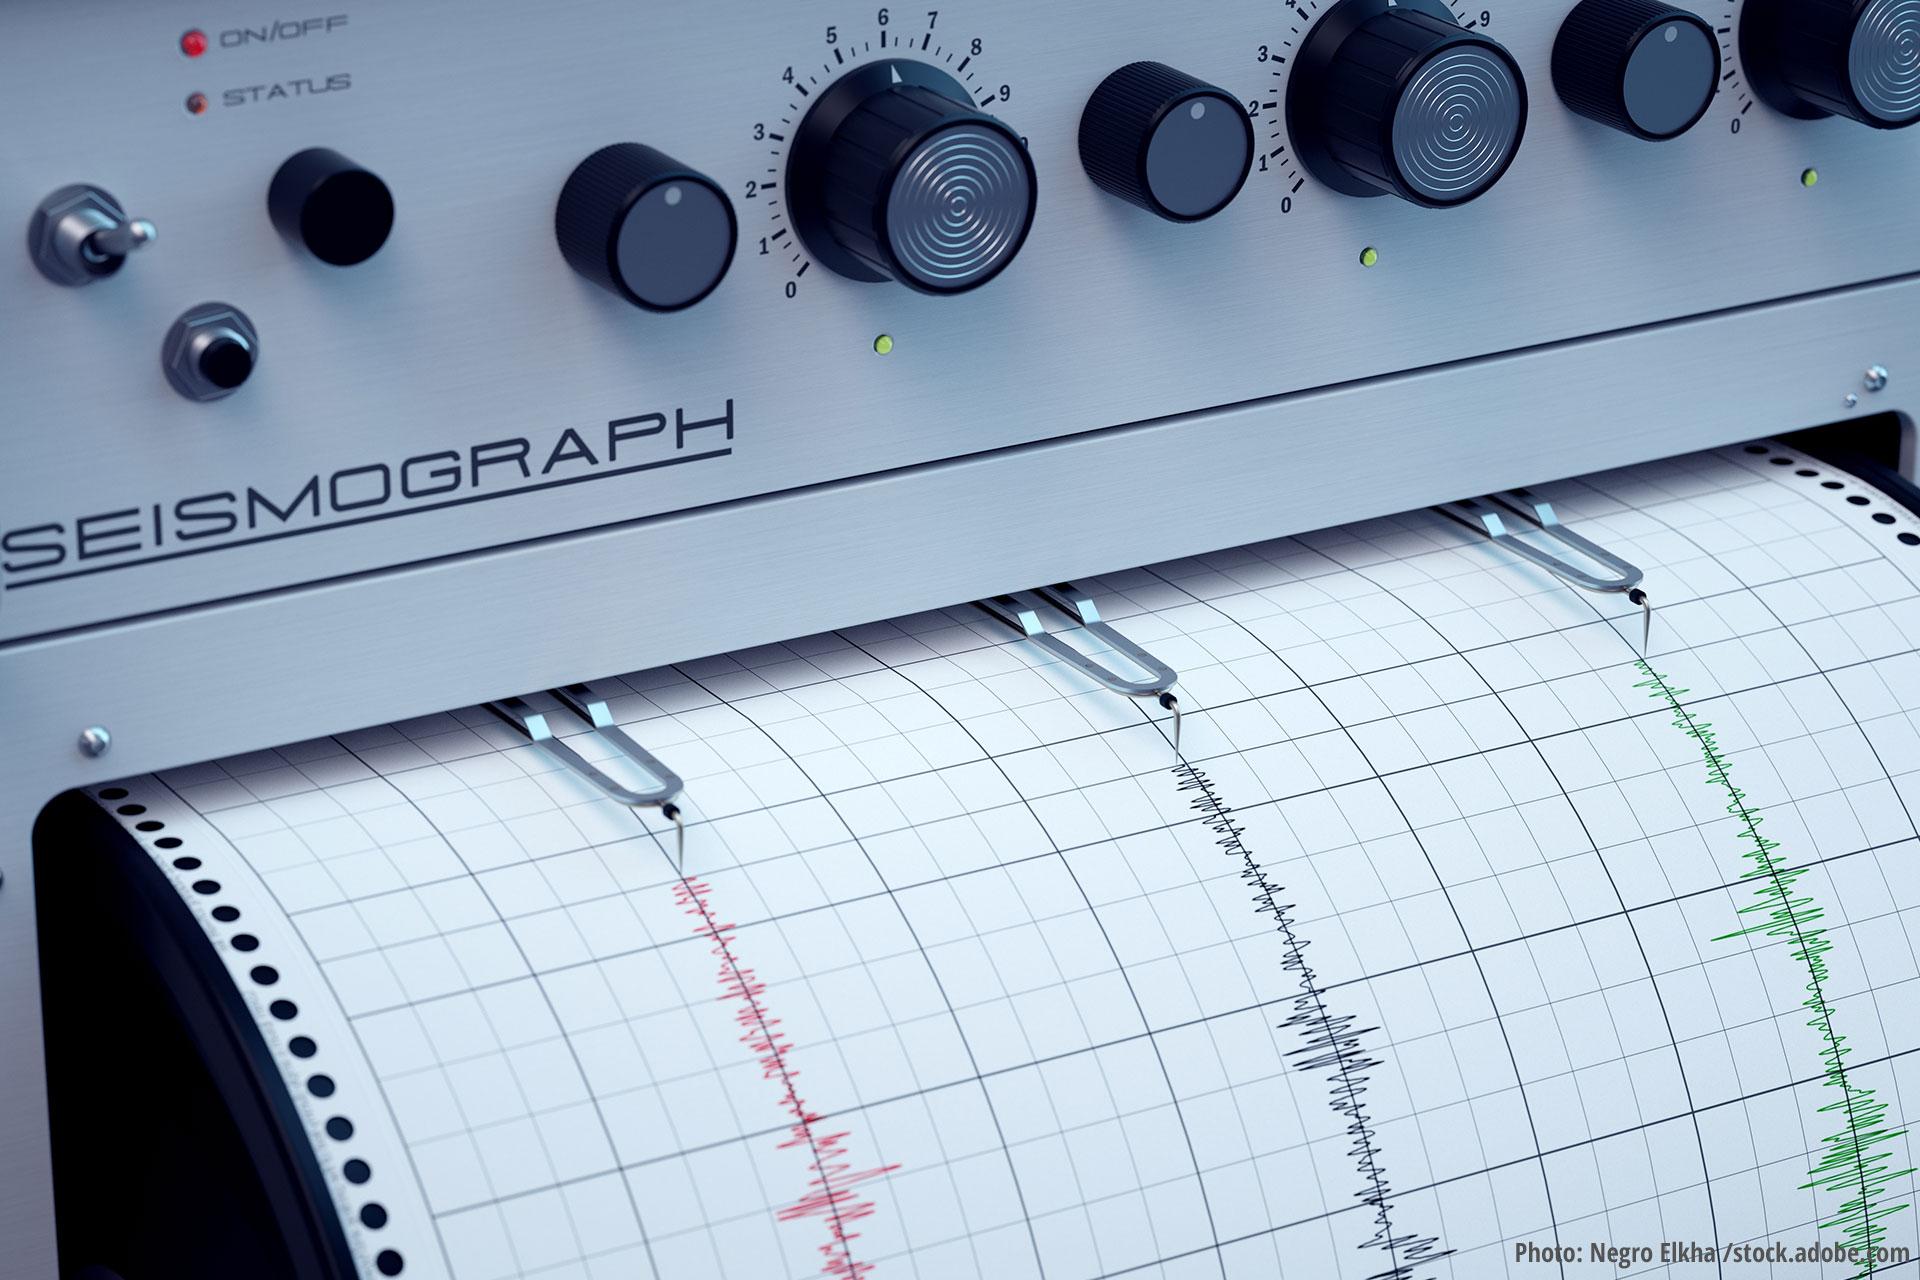 Seismographic activity